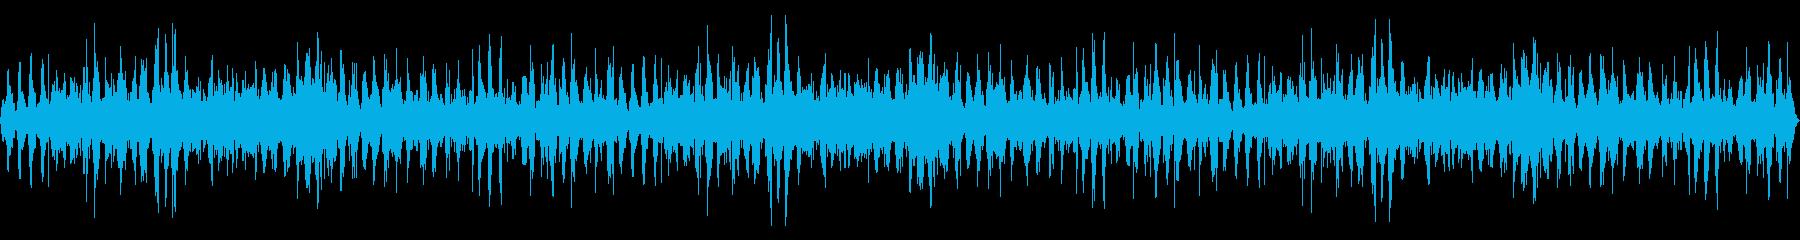 海に浮かぶ船の上から聞く波の音10分間の再生済みの波形